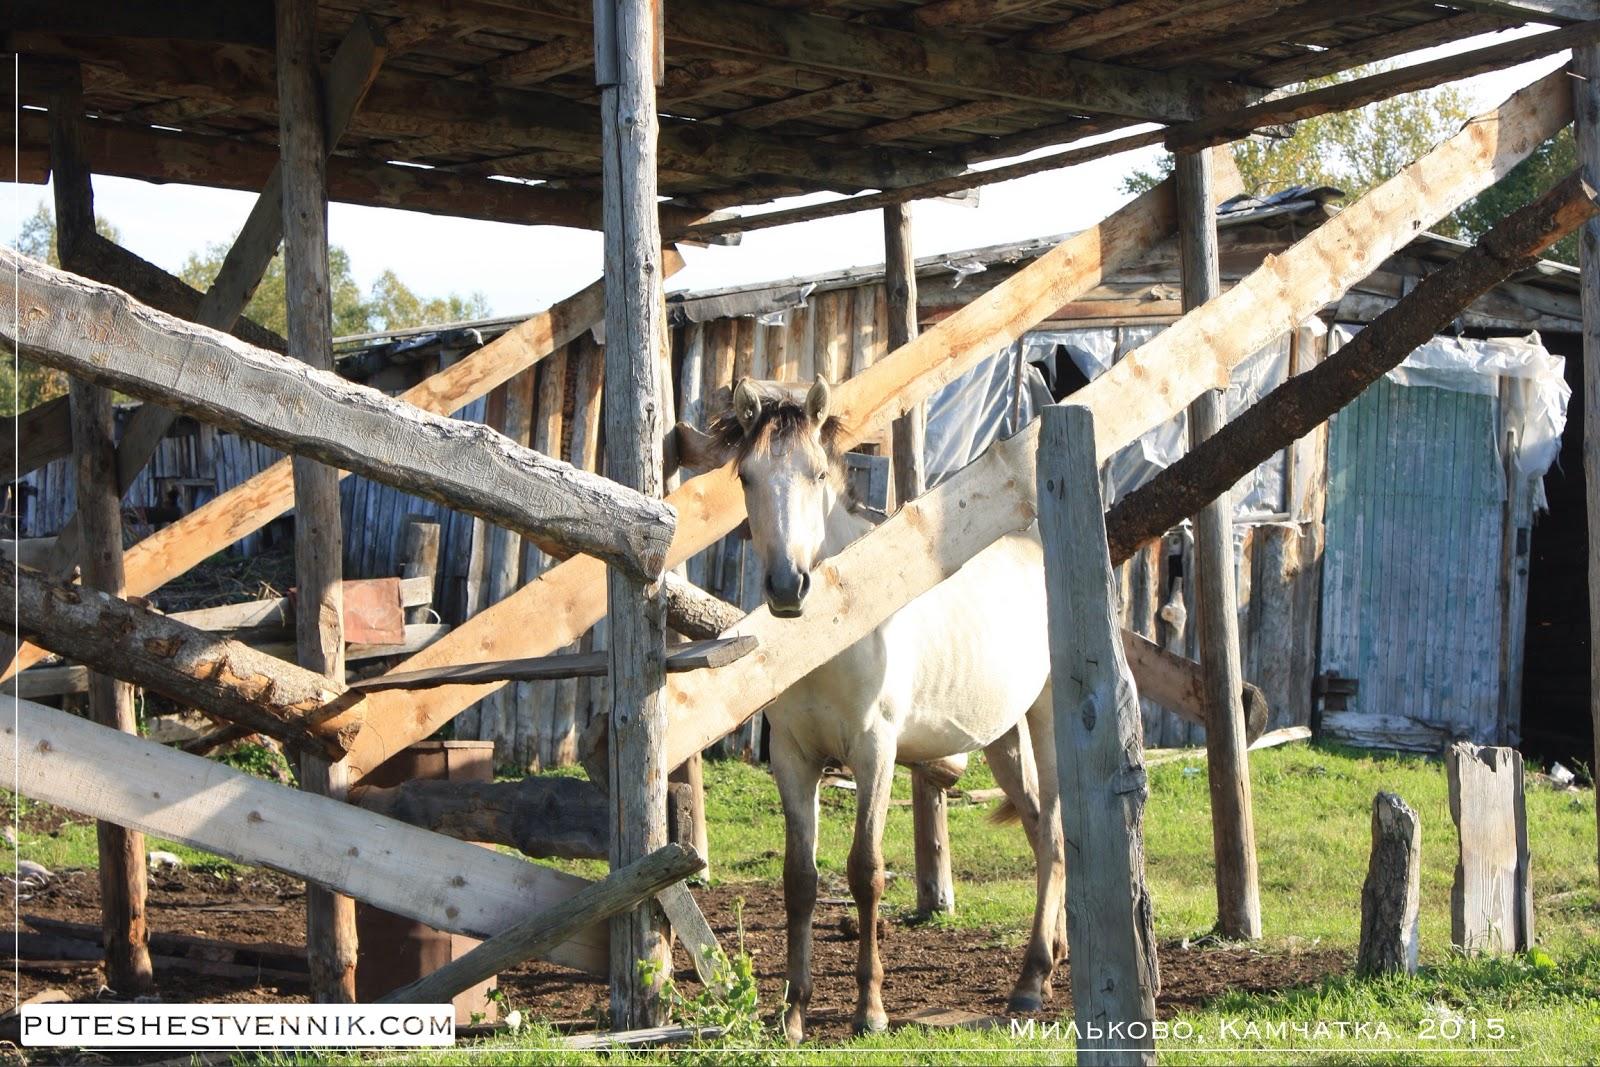 Лошадь под деревянным навесом